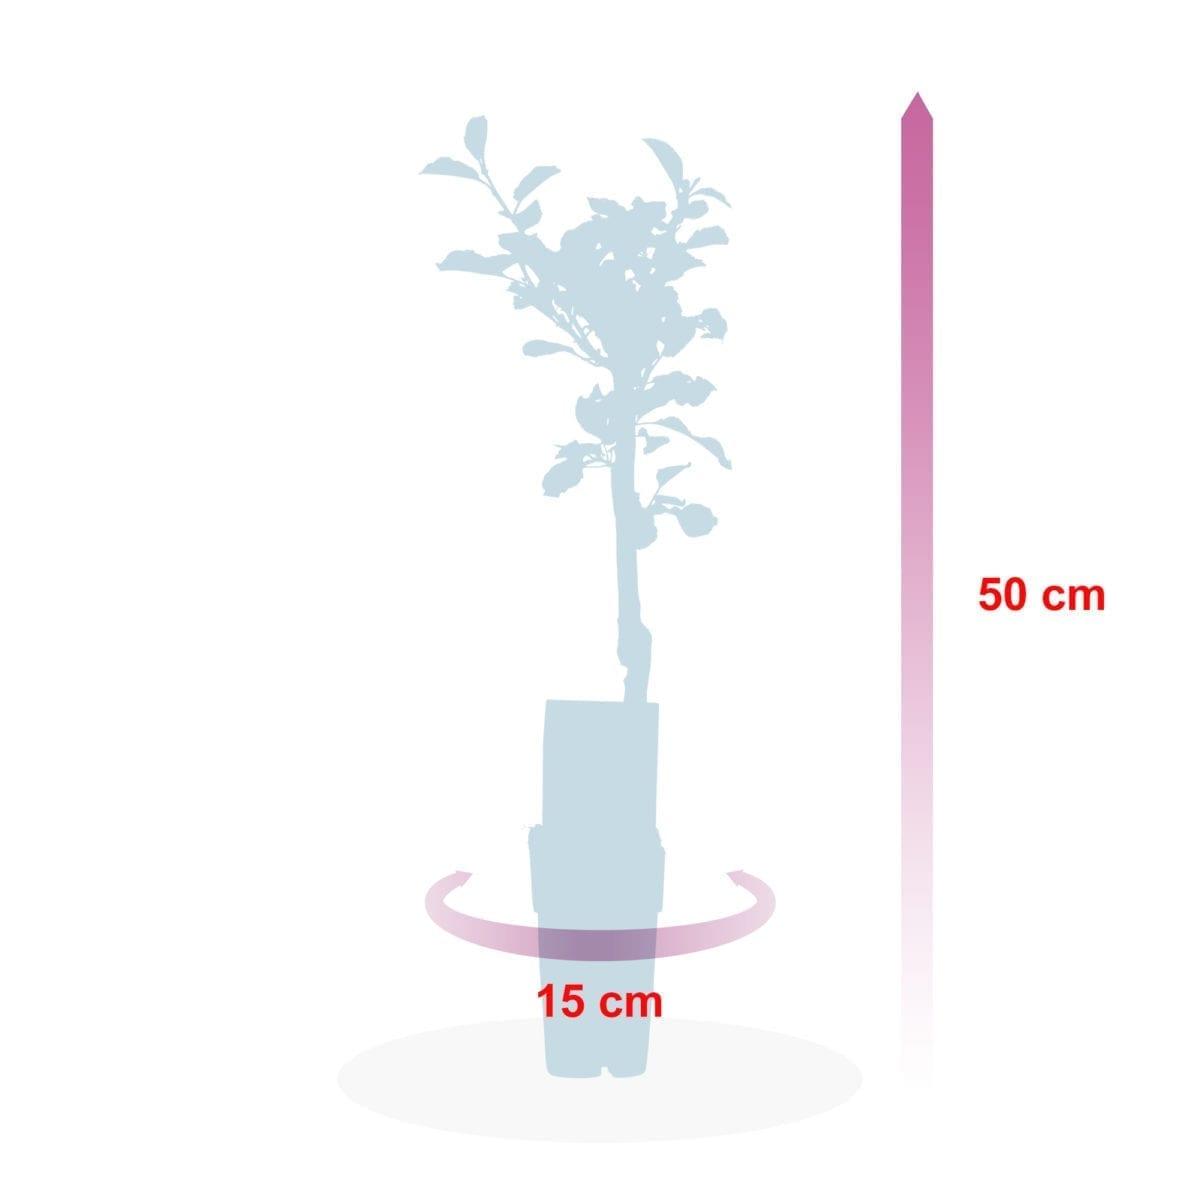 boskoopsefruitbomen | Appel Elstar afmeting